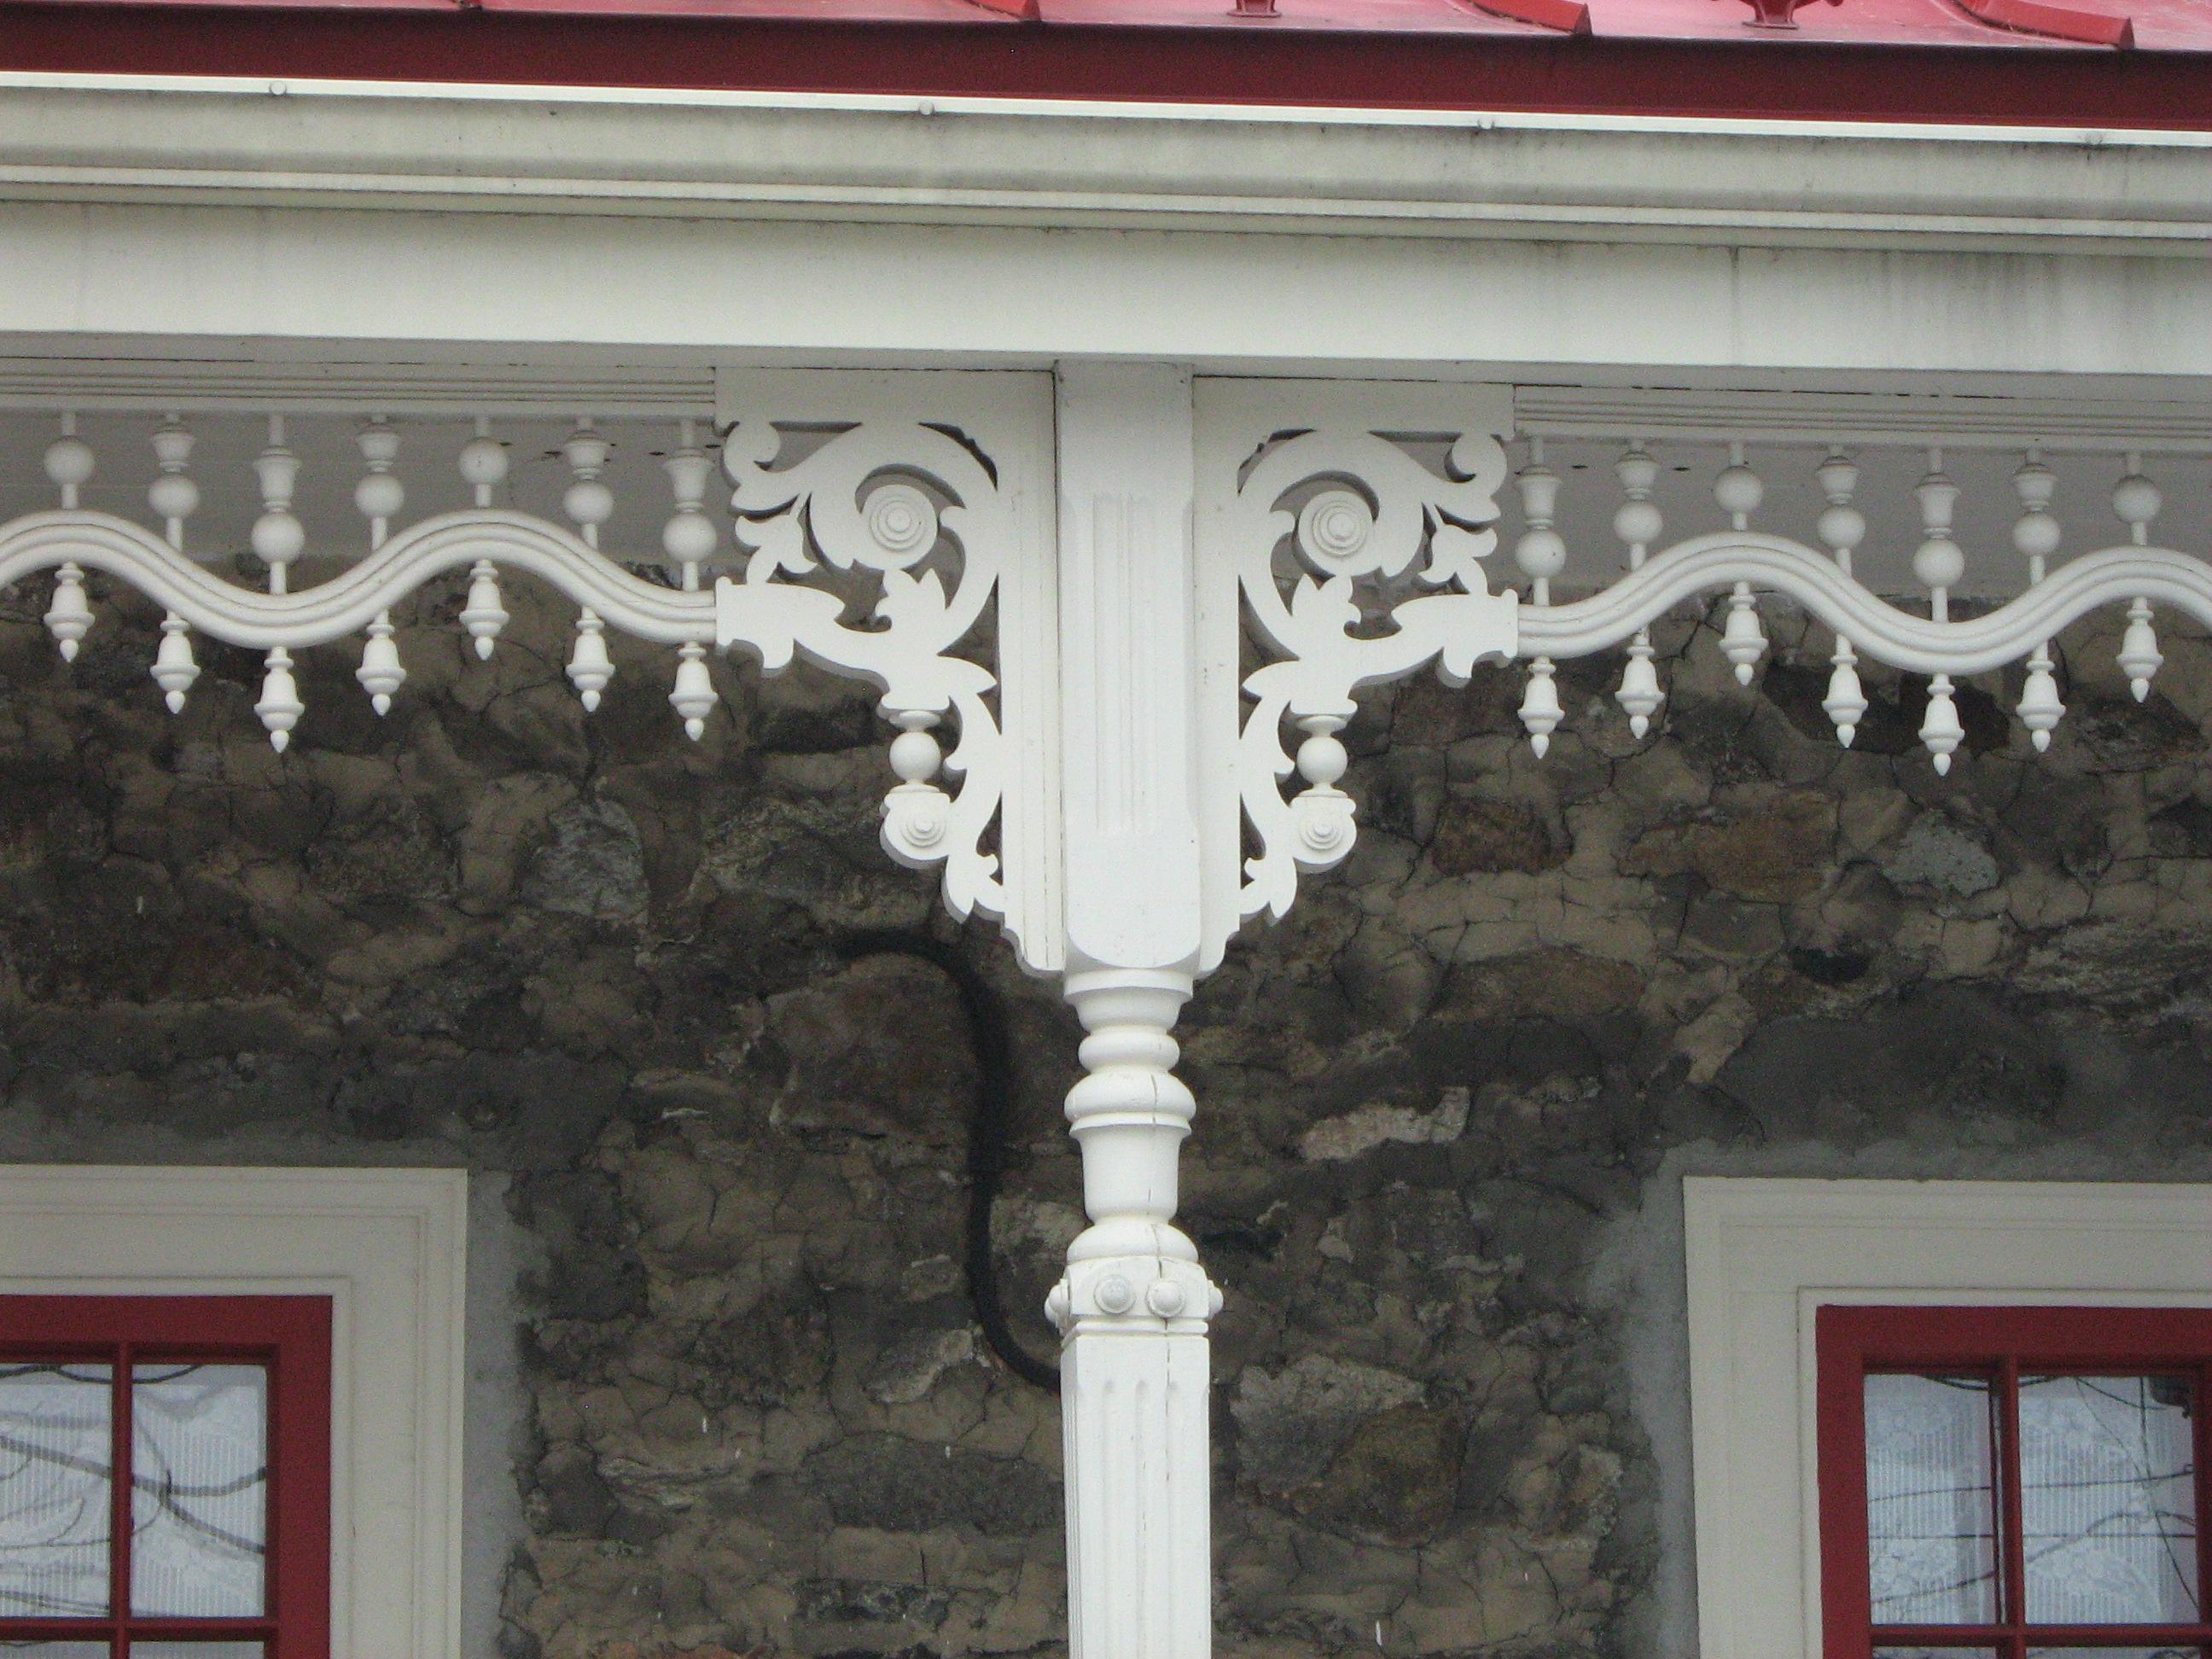 Aisseliers et boiseries décoratives ornant la galerie de la façade avant.